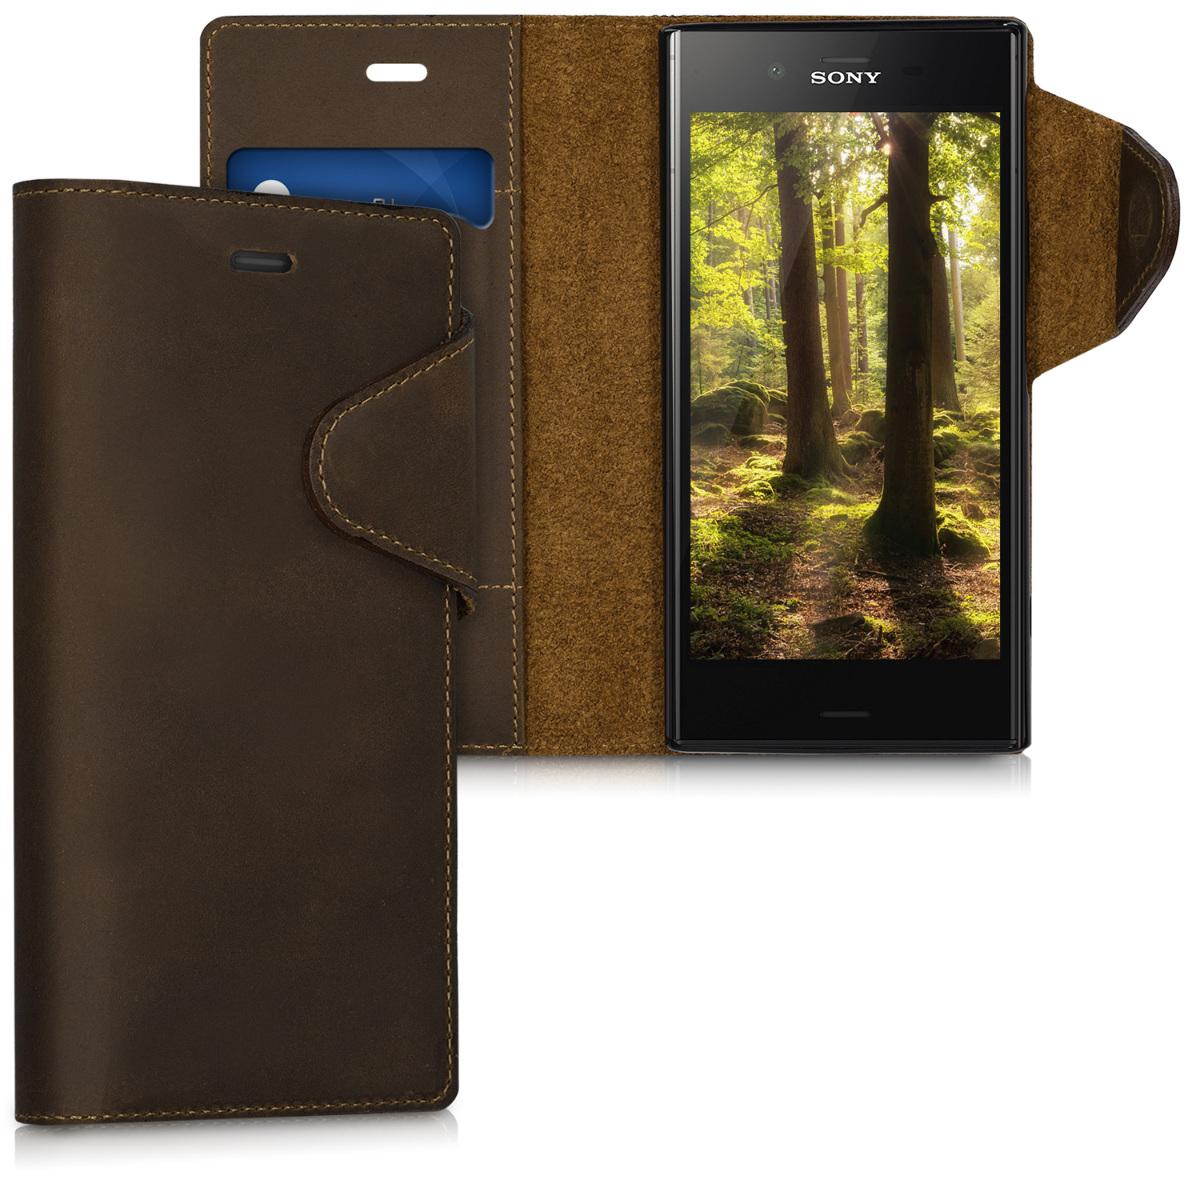 Kalibri Δερμάτινη Suede Θήκη - Πορτοφόλι Sony Xperia XZ1 - Καφέ (42926.05)